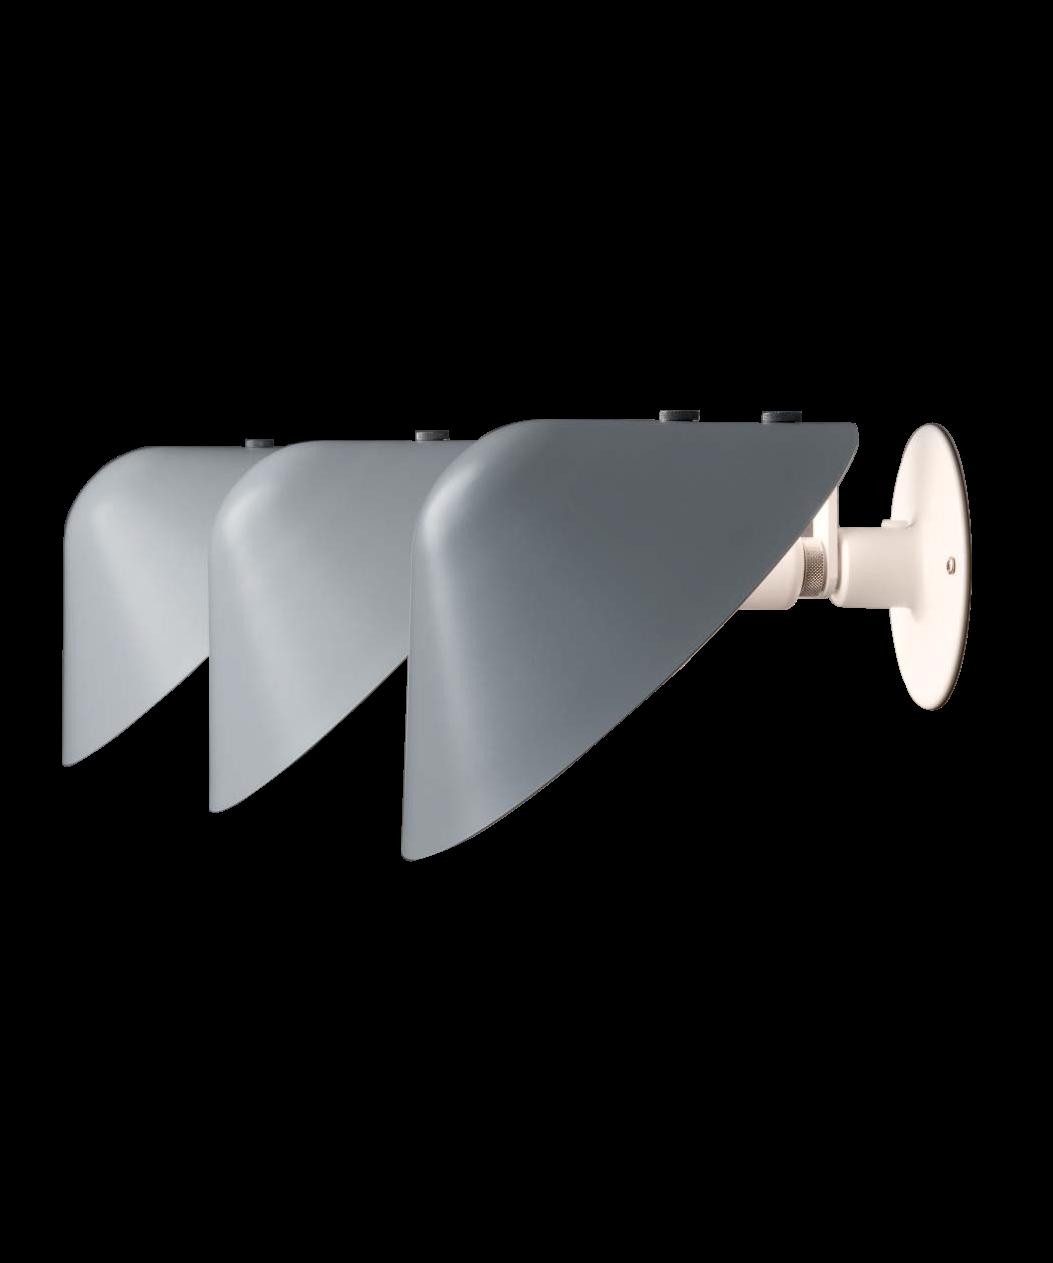 DesignJørgen Gammelgaard for Pandul Koncept Mini Vip Væglampe V022 er en smuk lampe designet af Jørgen Gammelgaard for Pandul. Her har du en lampe med mange gøremål og funktioner, da du kan vippe lyset op eller ned, alt efter dit behov. Placer flere lamper på række i en lang gang, op langs en trappeopgang, eller brug en enkelt ved lænestolen eller som sengelampe. Med Vip får du en utrolig fleksibel lampe som giver et blødt, dejligt og diffust lys ud i rummet. Der er en kontakt på fatningen og ledningsføringen kan valgfrit køres indvendigt mod væg eller udvendigt til stikkontakt. OBS - Lamperne fra Pandul produceres og samles i Danmark, med afsendelse fra fabrikken én gang om ugen. Derfor vil der kunne opleves leveringstider op til 4-8 dage ved lagerudsving.